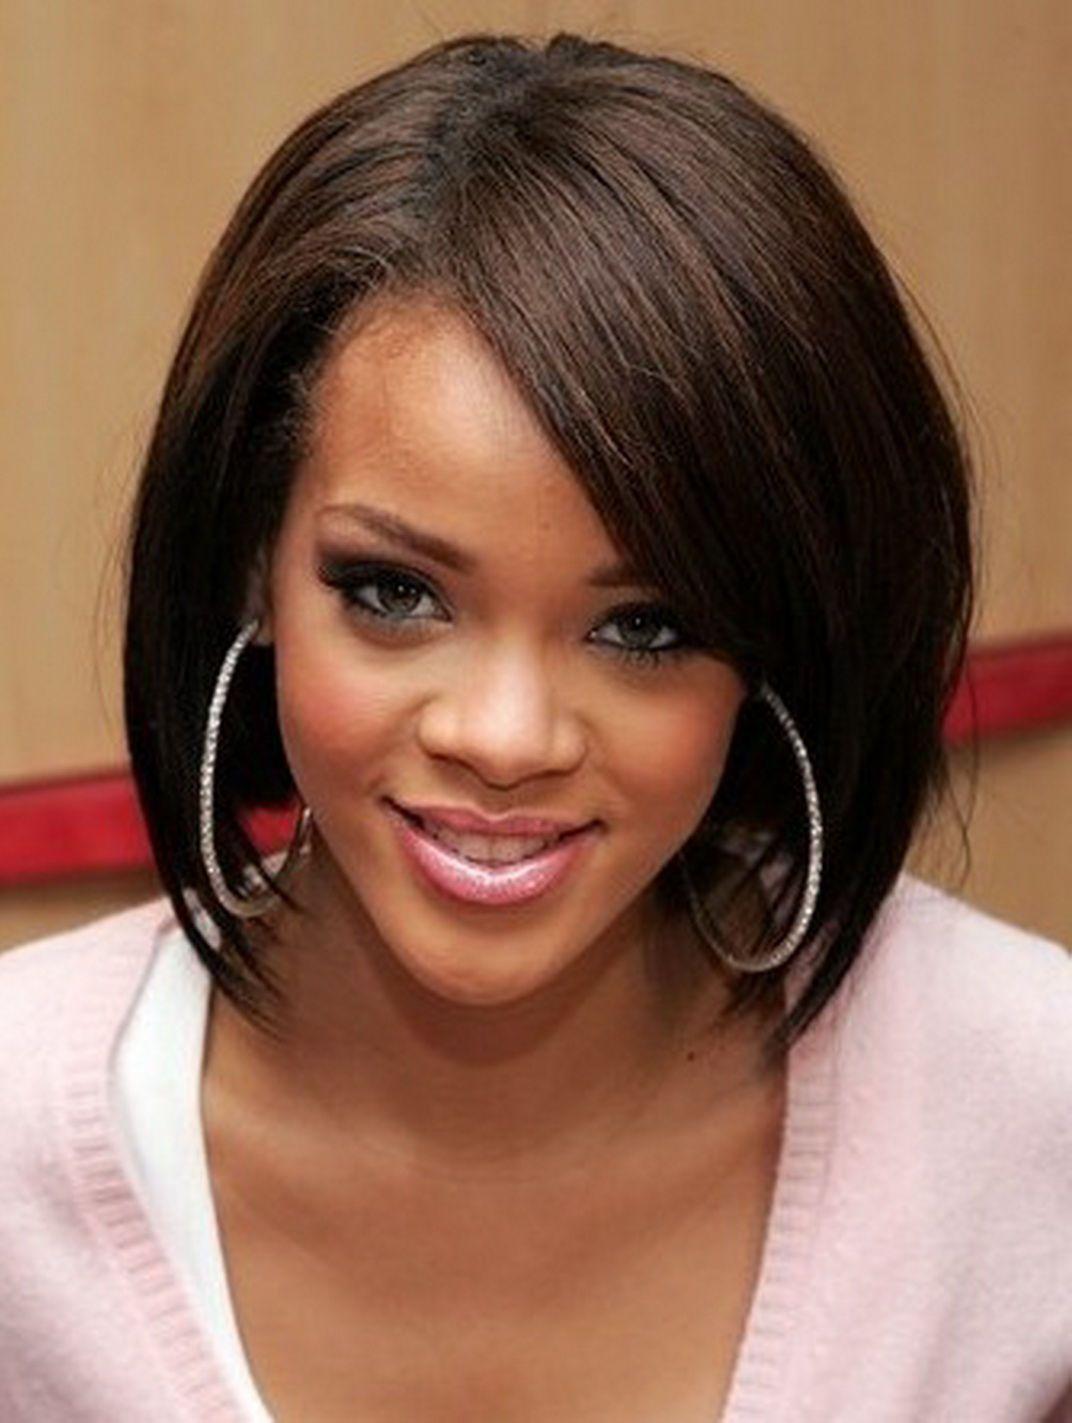 cute bob hairstyles for black hair - Google Search | rihanna ...